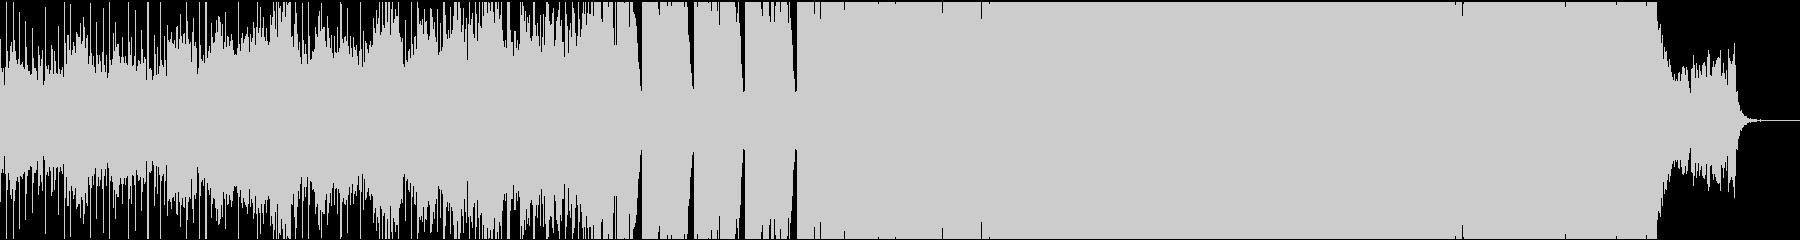 和風インダストリアル曲の未再生の波形